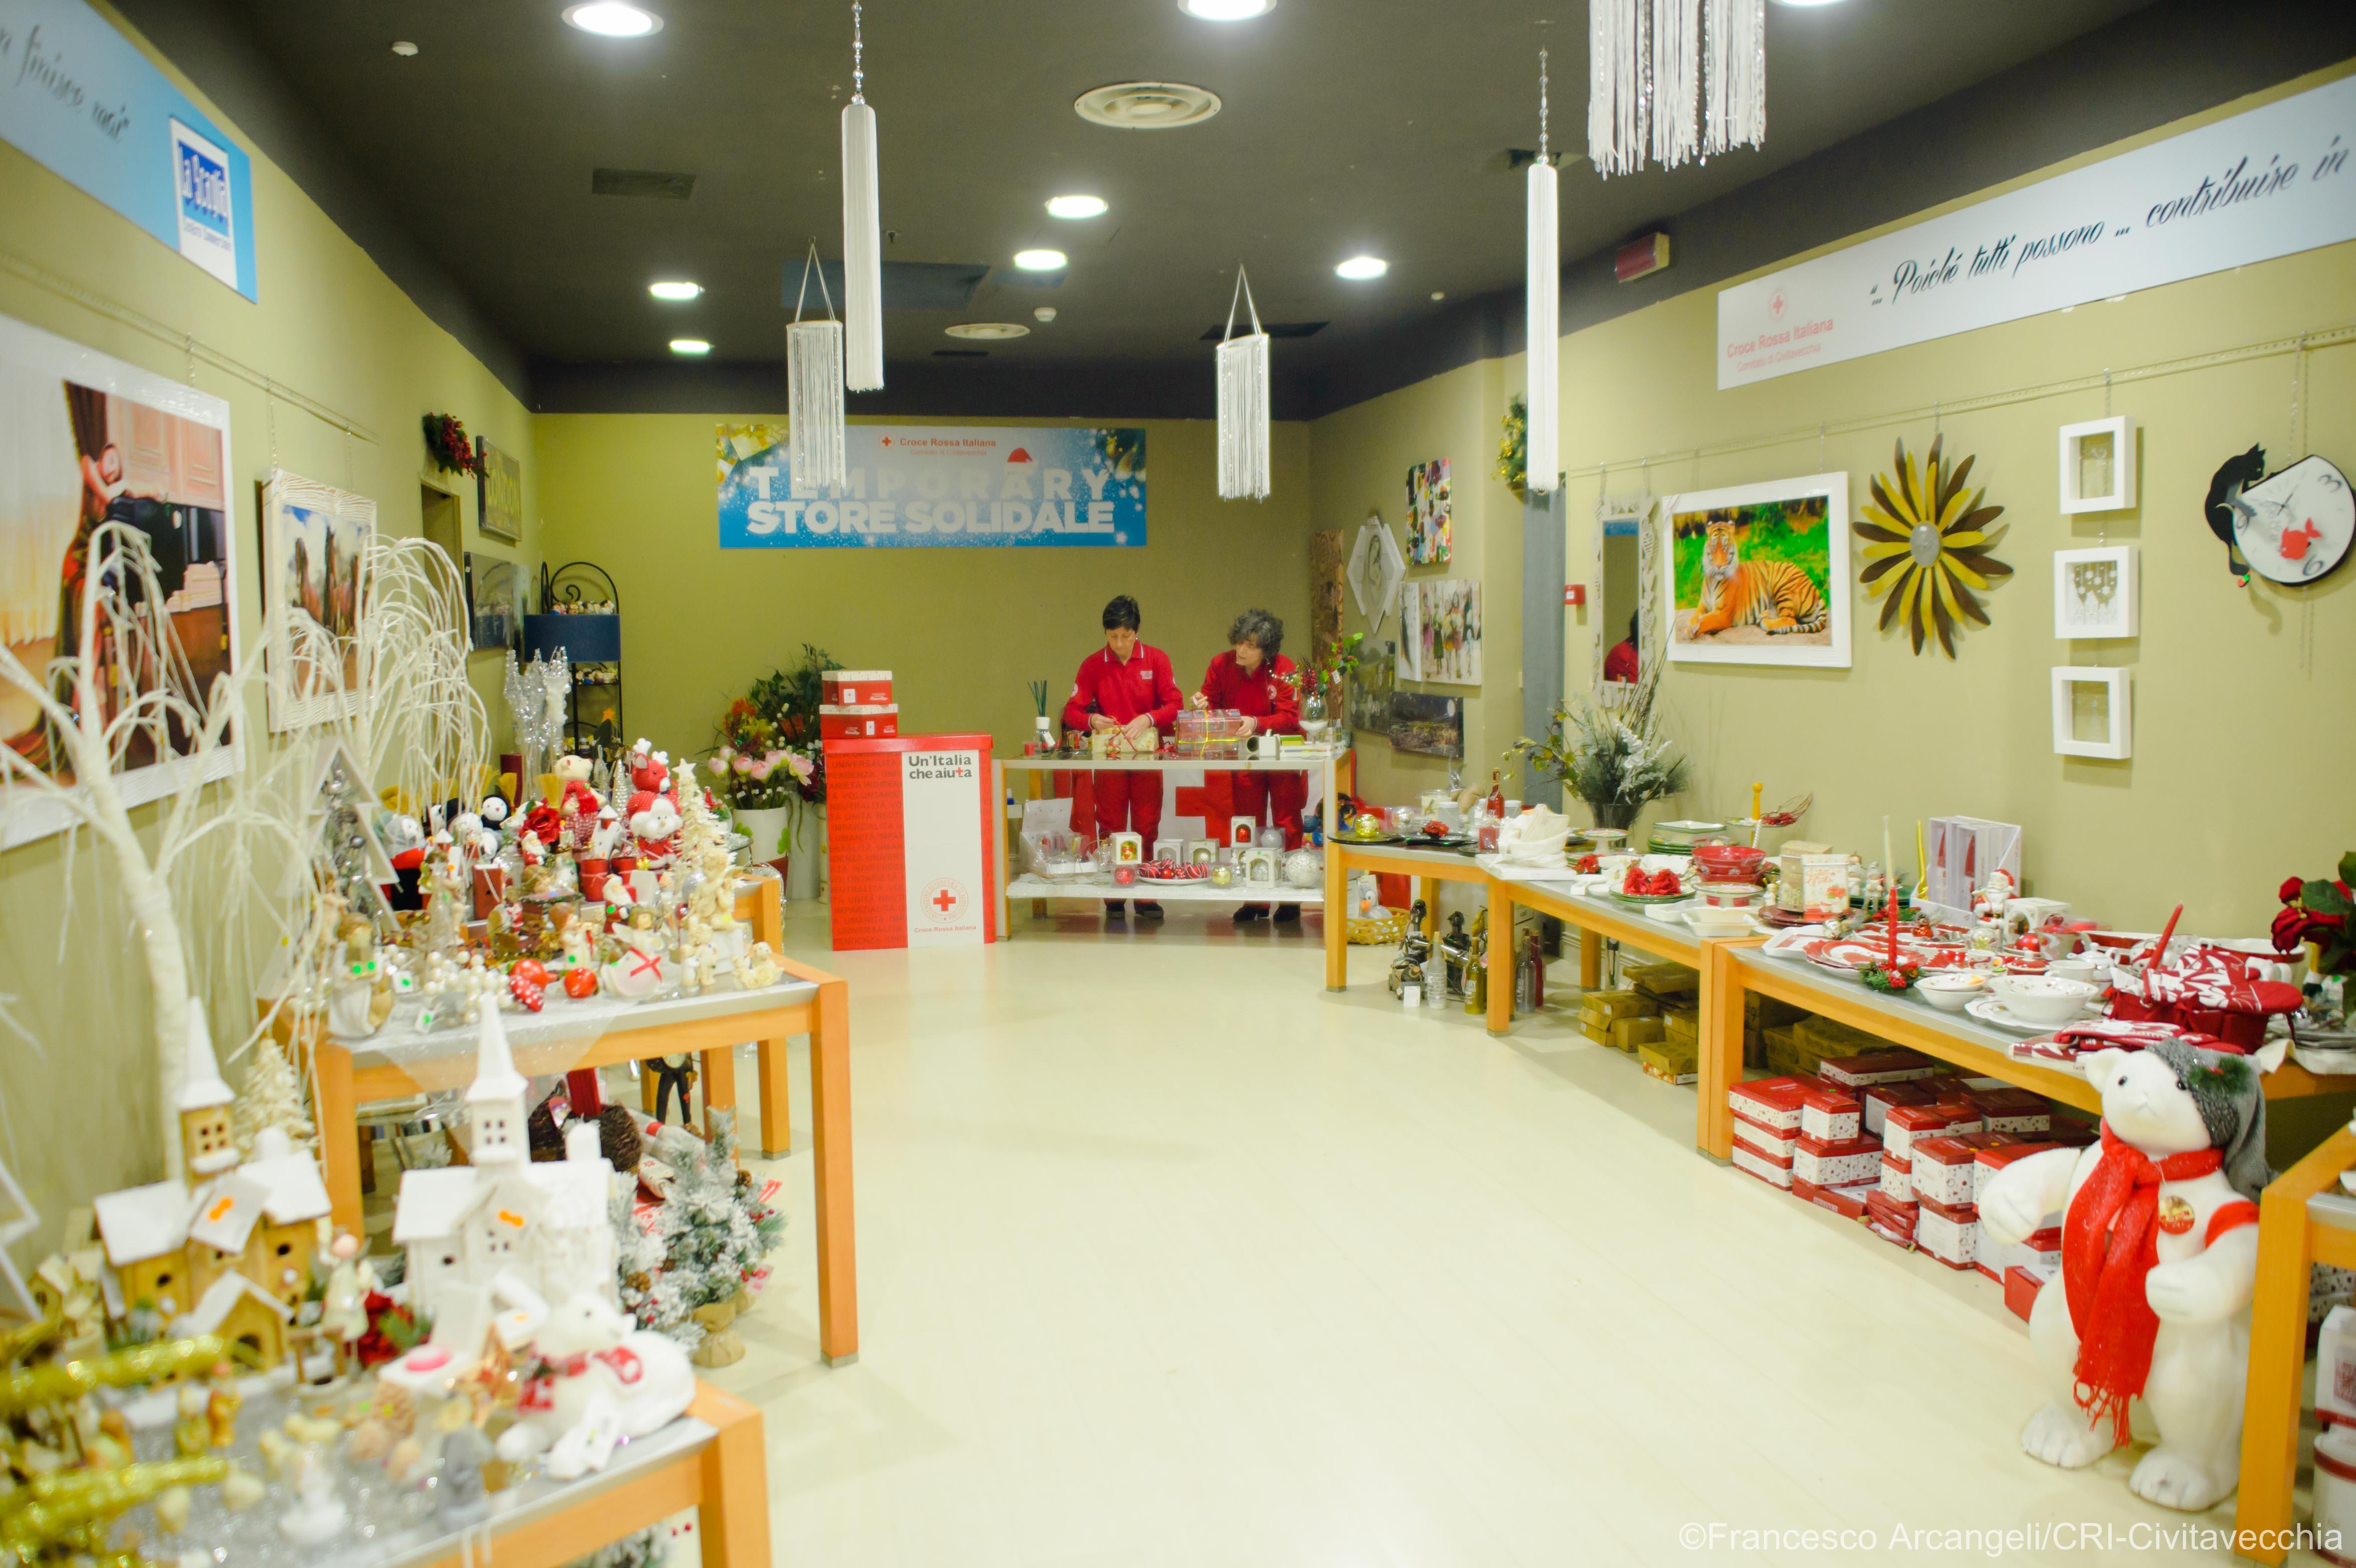 Torna il Temporary Store Solidale Croce Rossa Italiana al Centro Commerciale La Scaglia